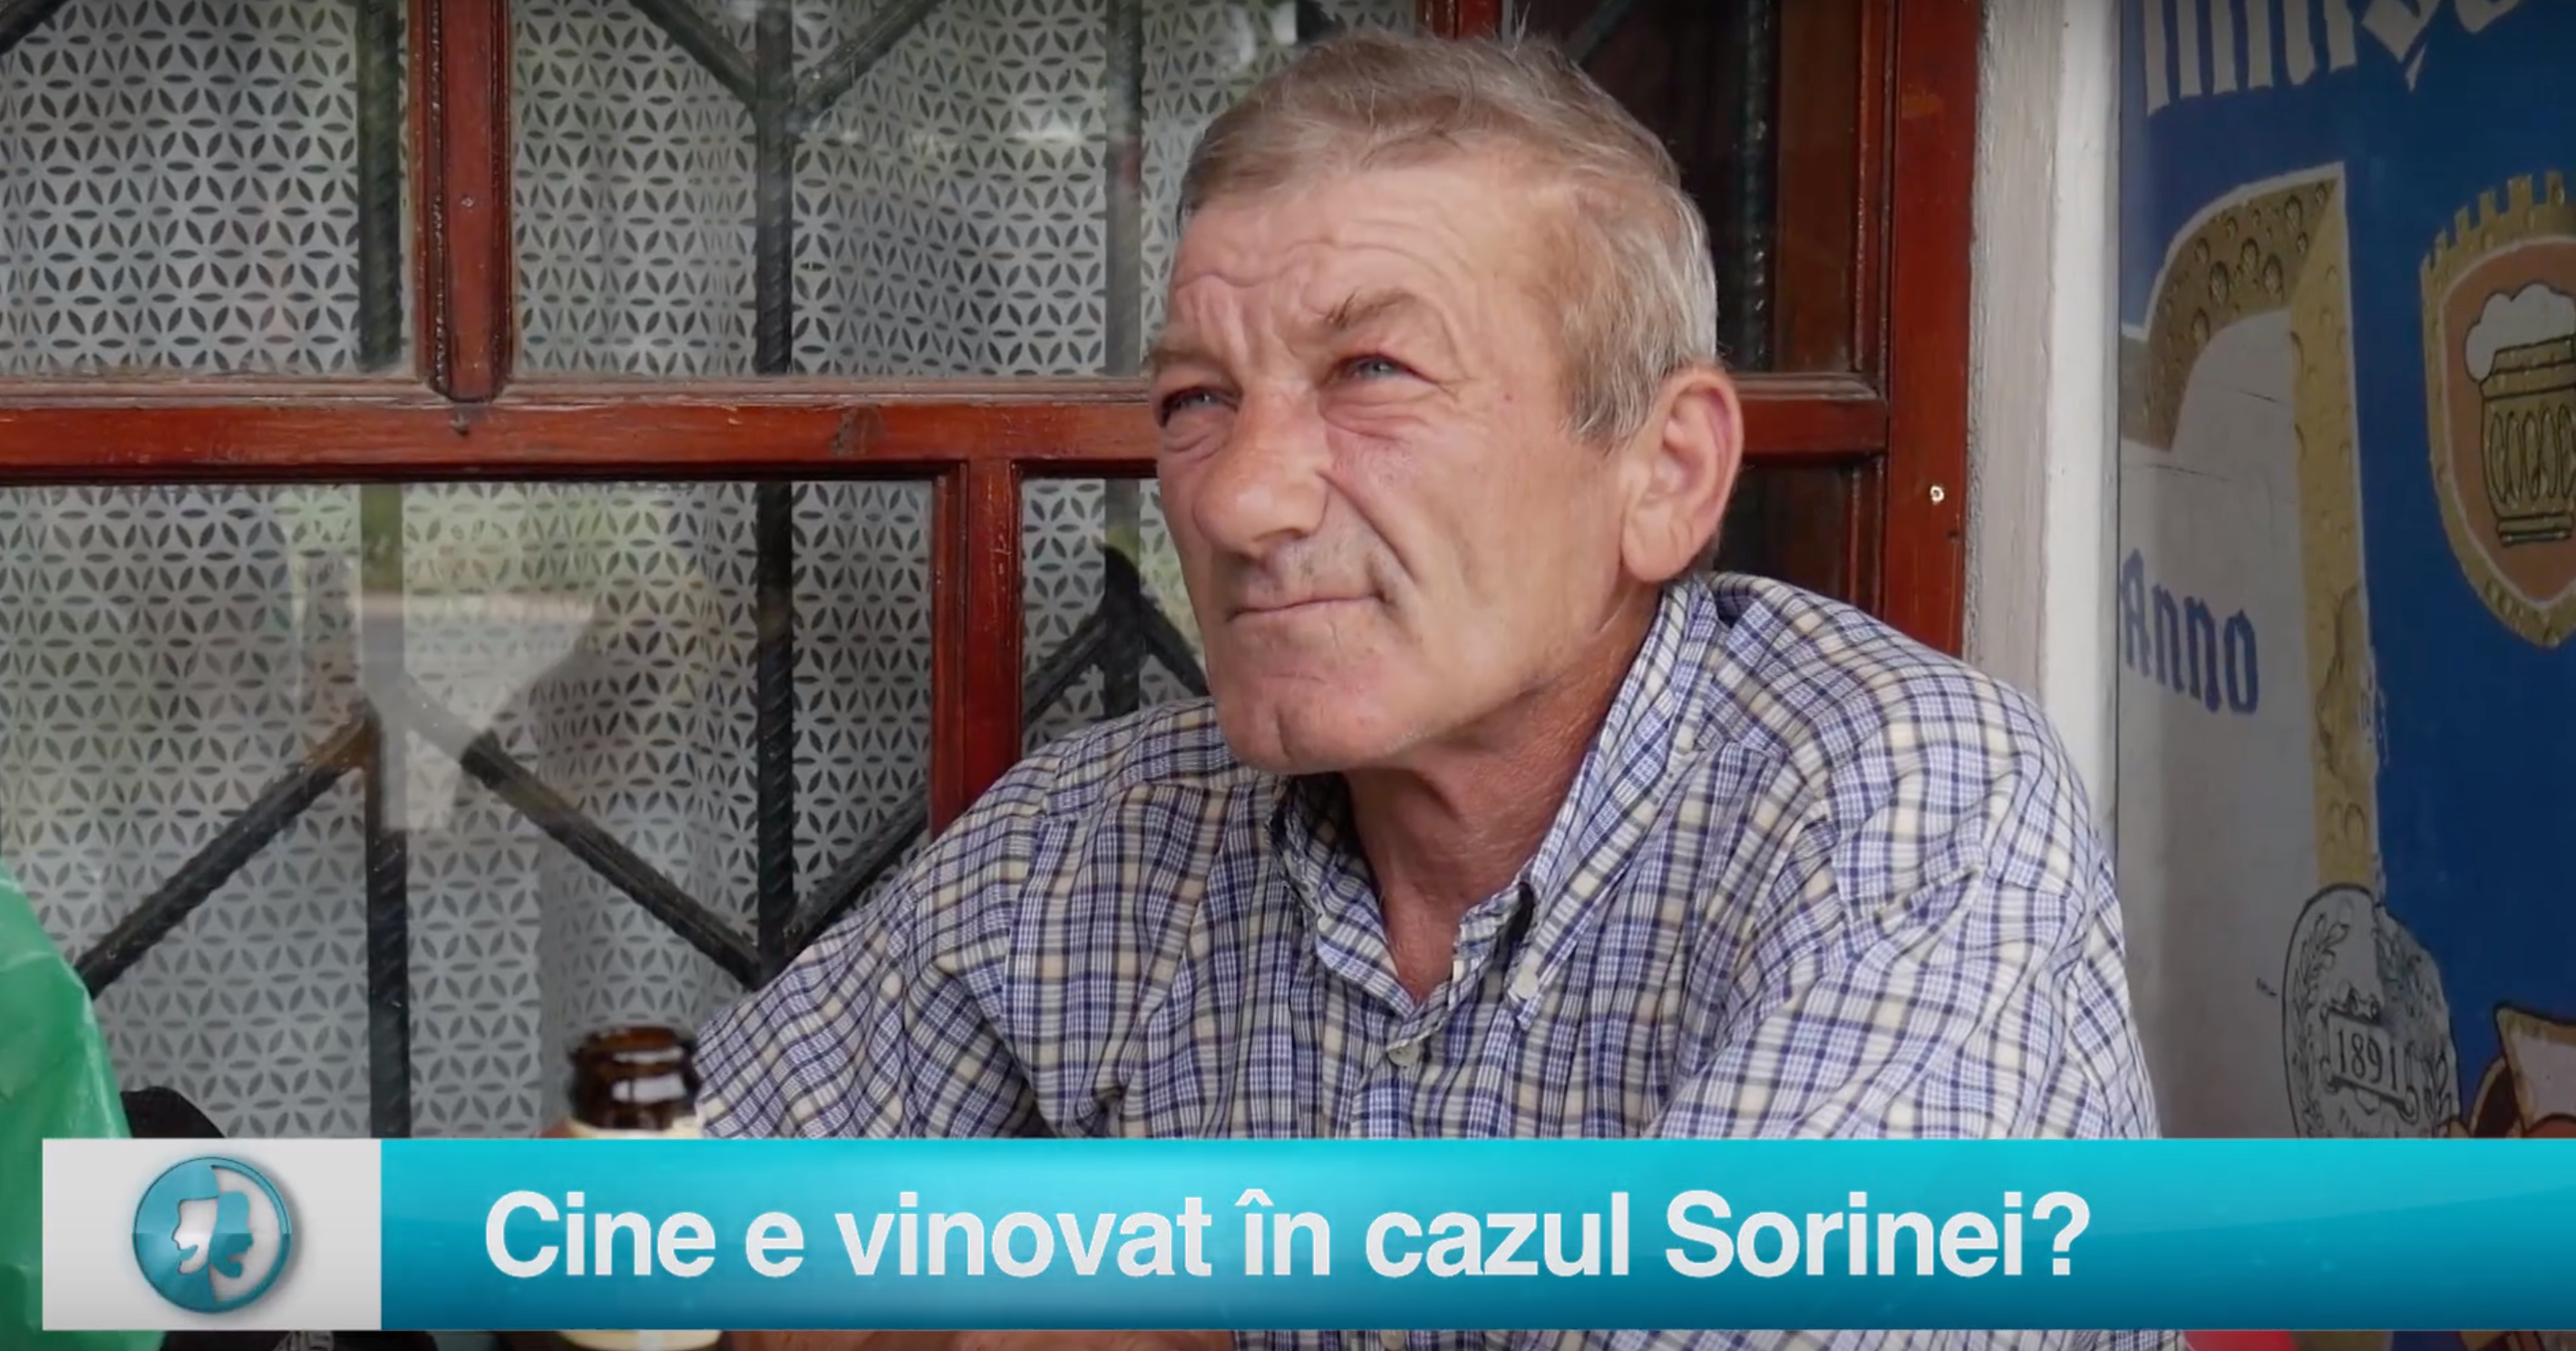 Vax populi: Cine e vinovat în cazul Sorinei?